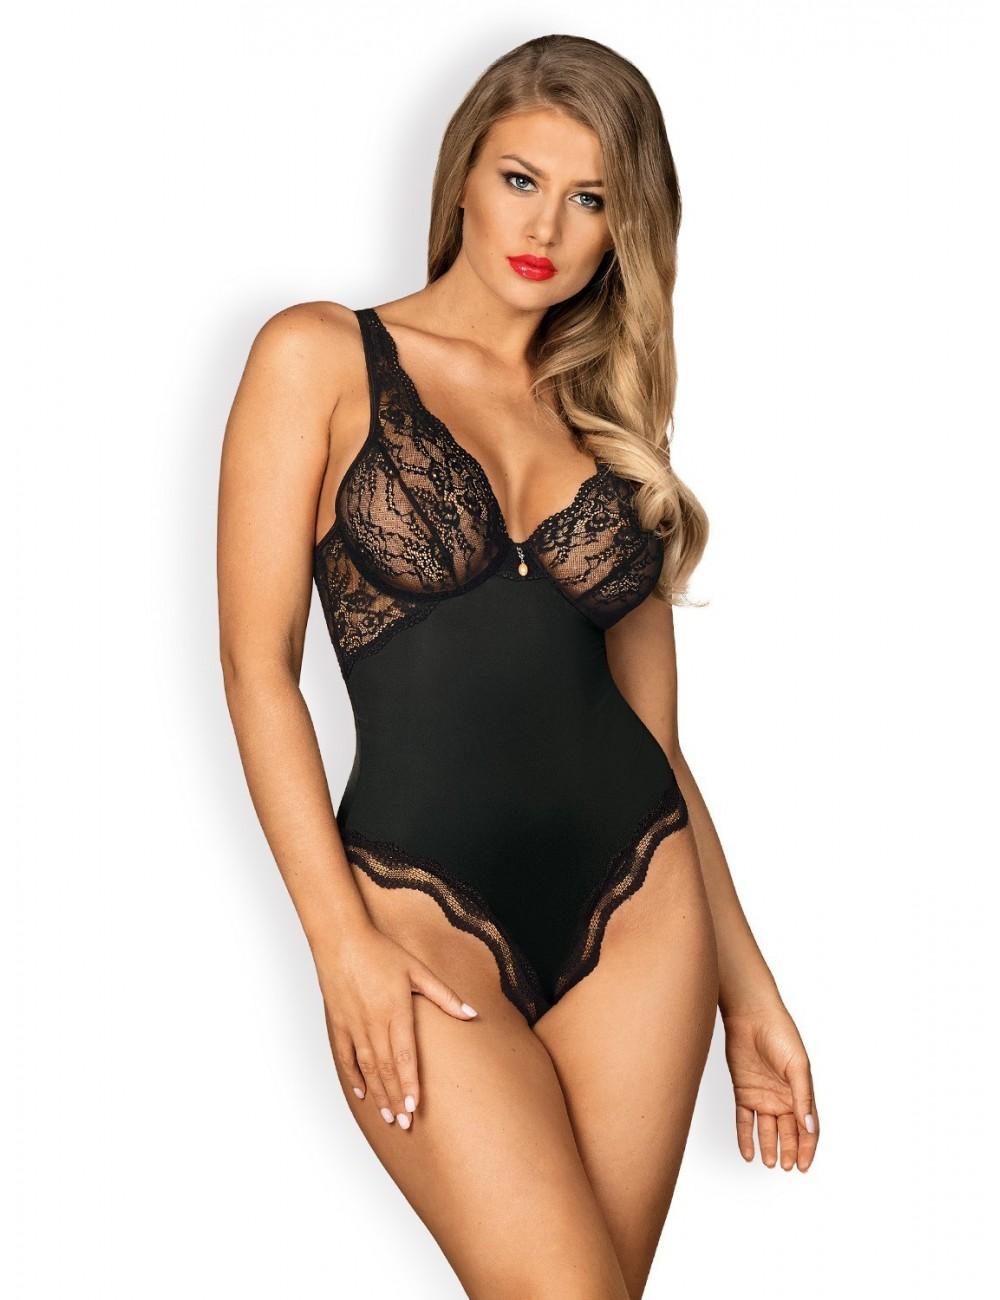 Lingerie - Bodys - Body en dentelle délicate noire avec bretelles Luvae - Obsessive